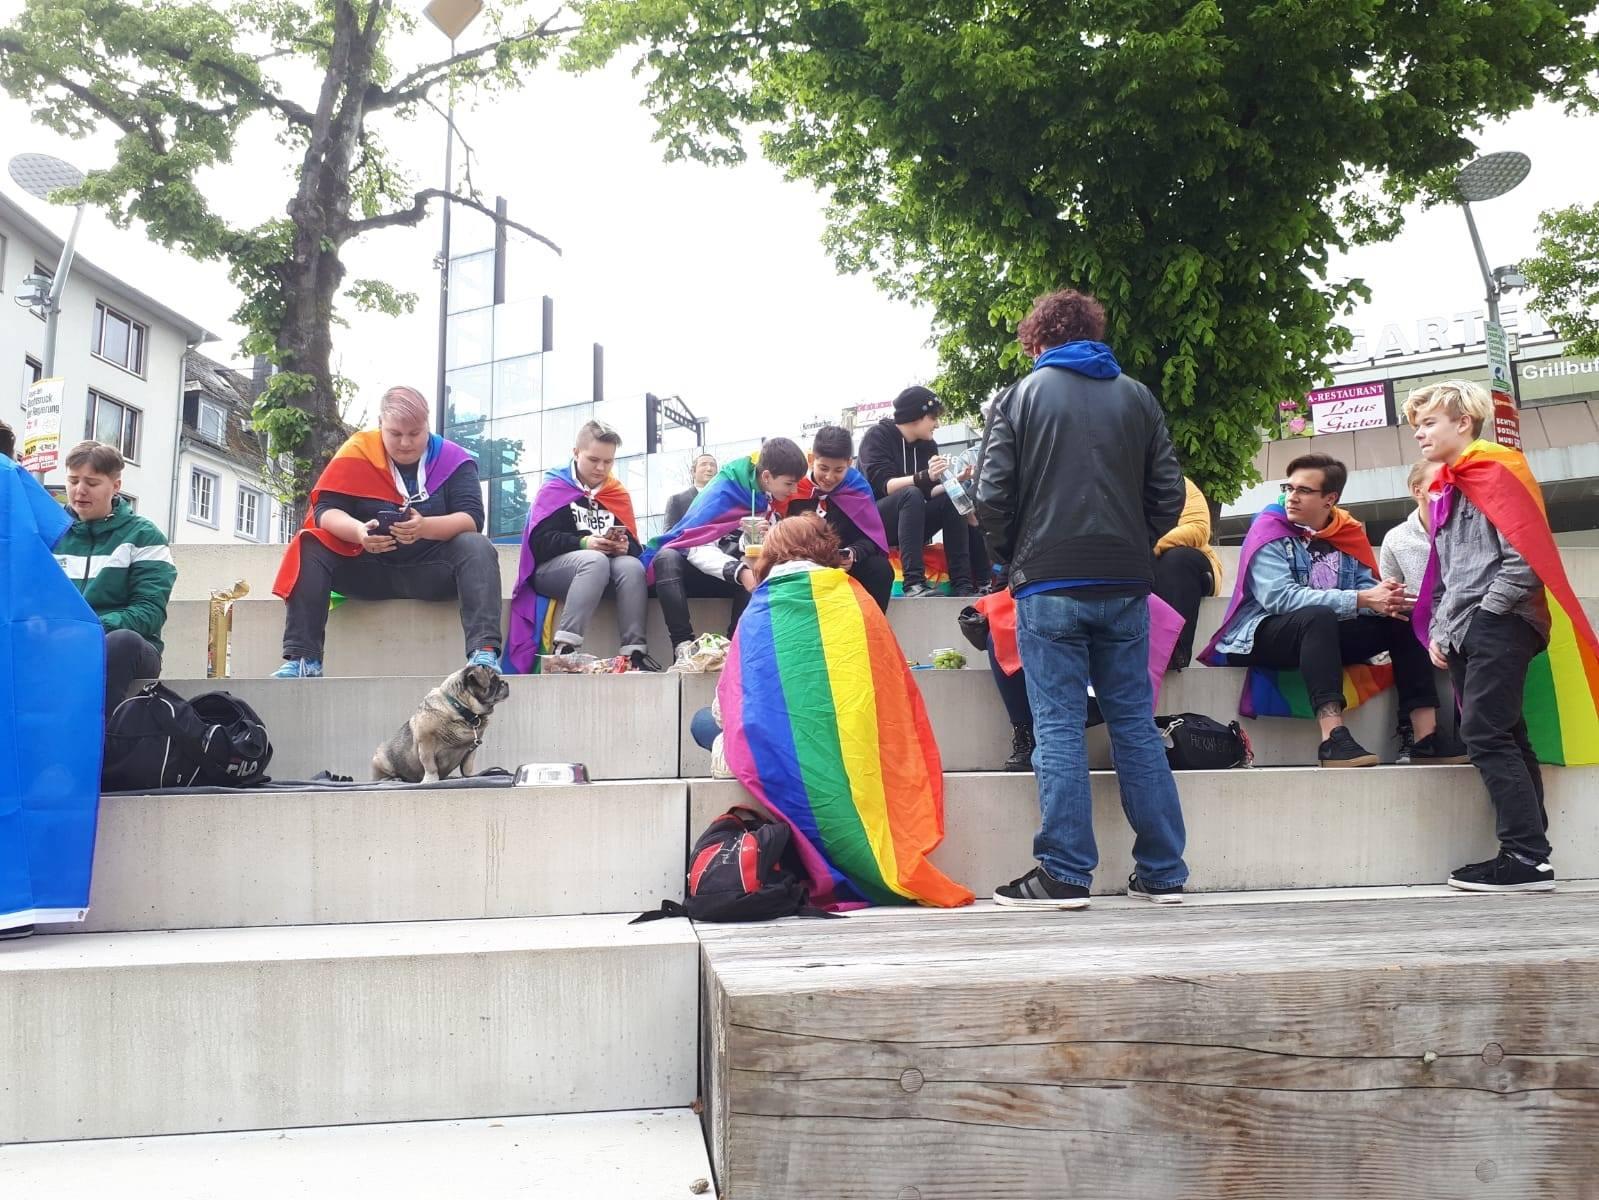 Das Bild zeigt eine Treppe auf der Menschen mit Regenbogenflaggen sitzen